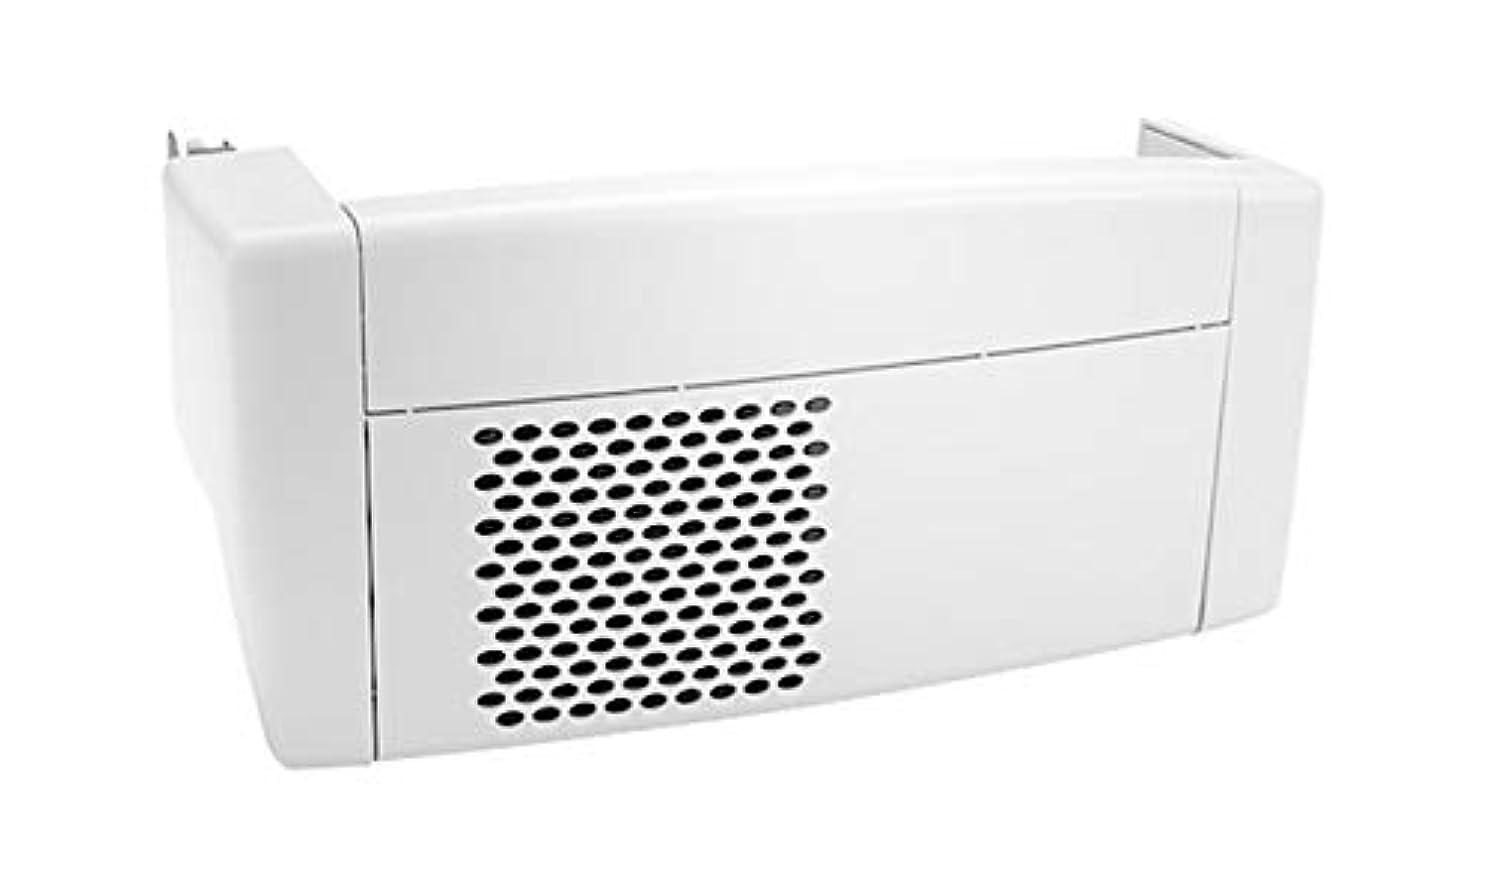 プラスチック抜本的な生命体リファービッシュ HP レーザージェット エンタープライズ M604/M605/M606 デュプレクサー (F2G69A-RC) (認定リファービッシュ品)